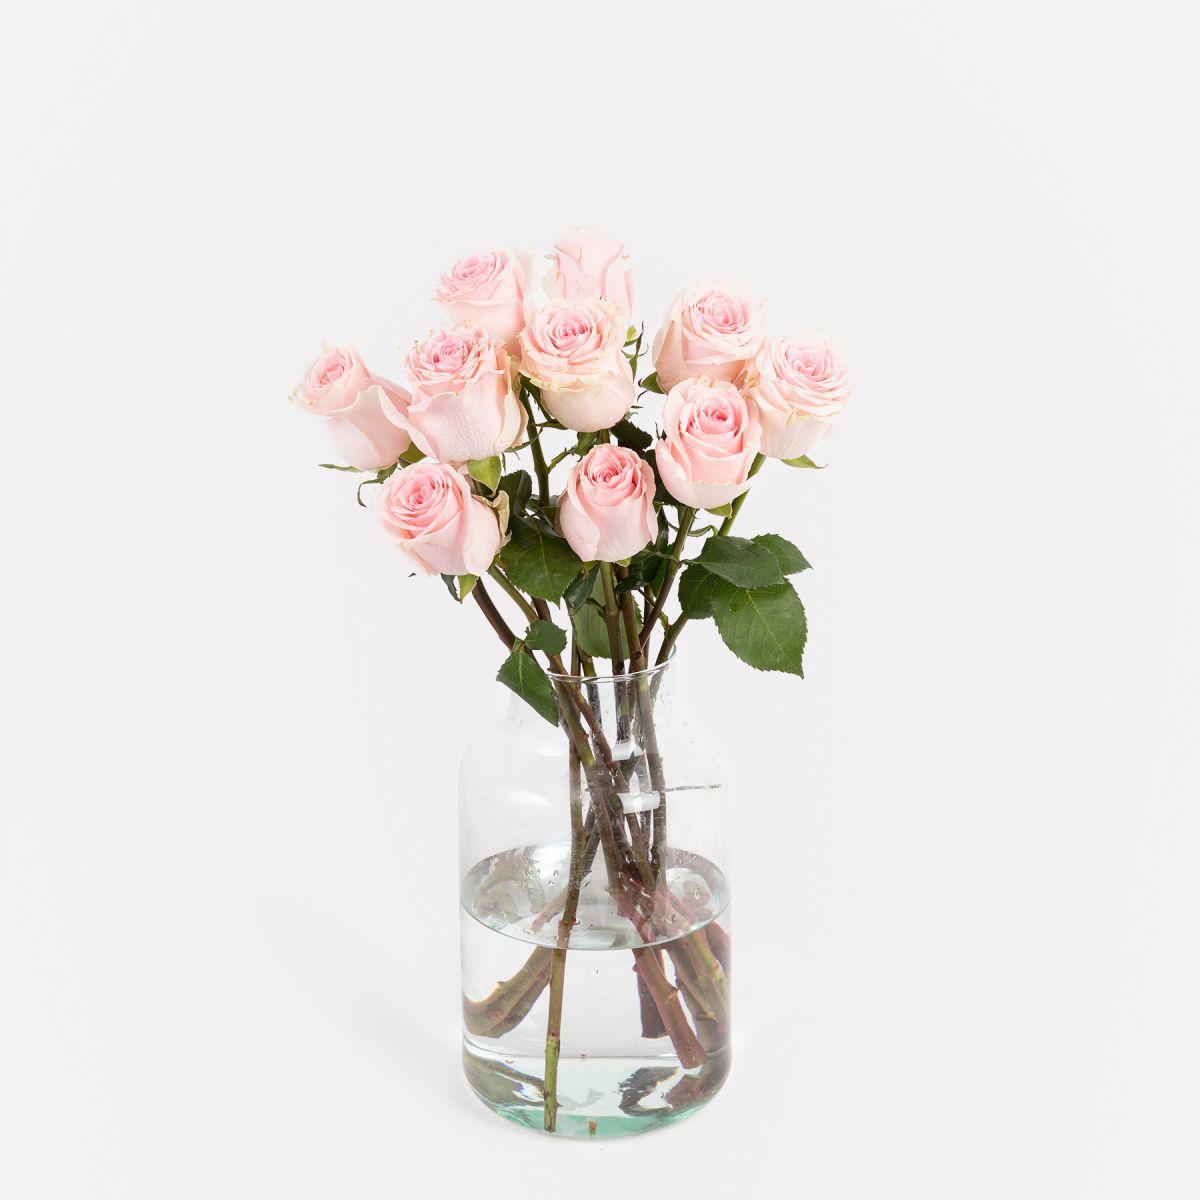 Sweet Dolomiti - Rose Rosa - Fiori a domicilio - Colvin